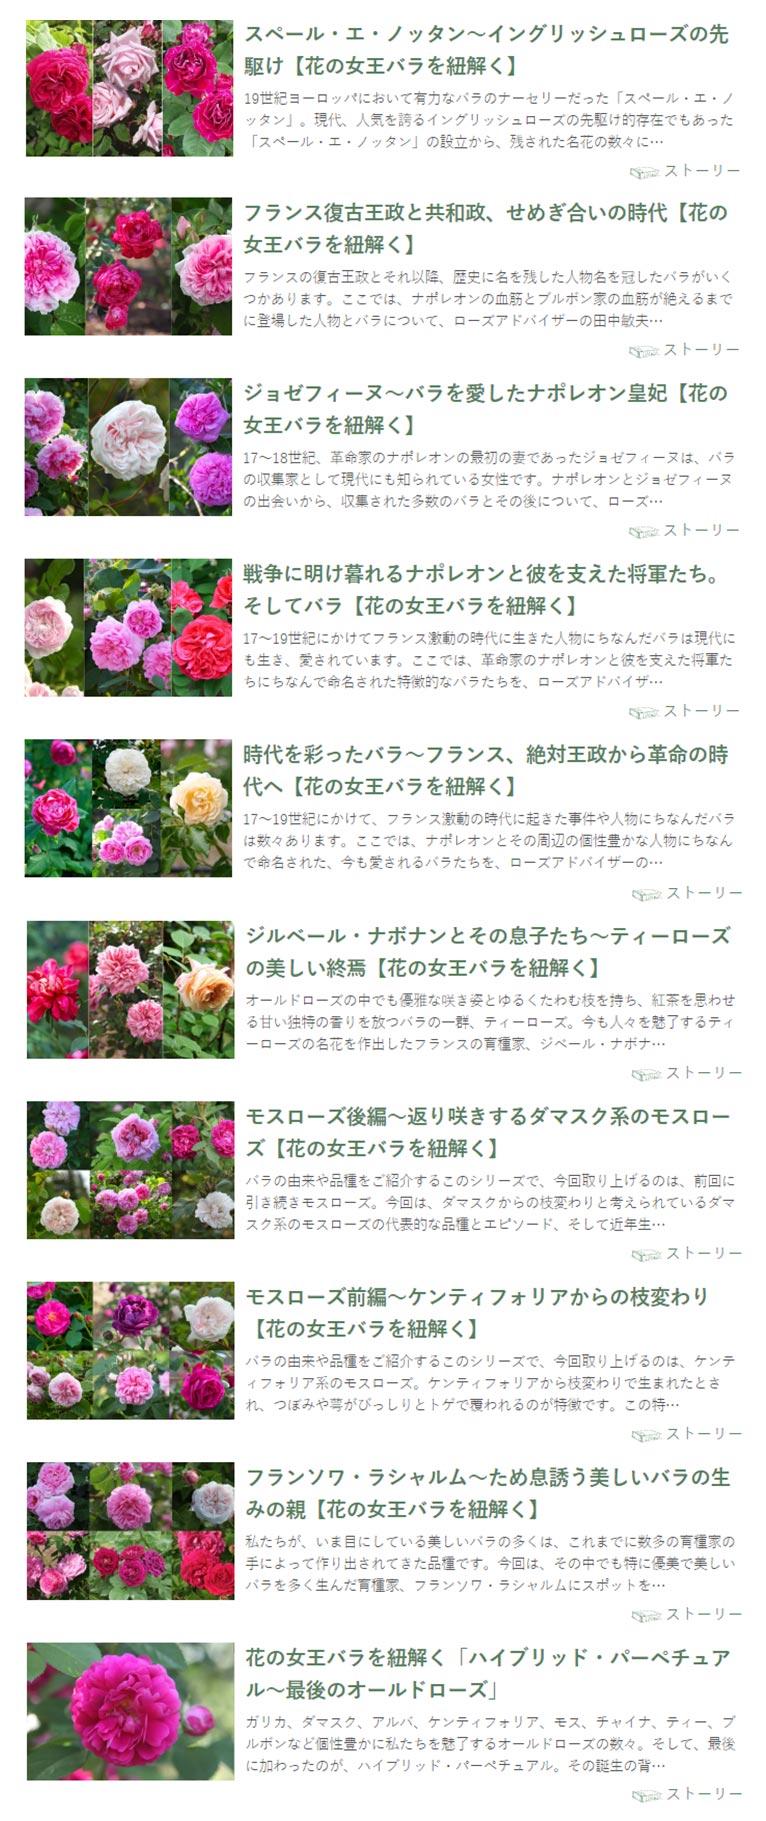 ローズアドバイザー 田中 敏夫執筆記事